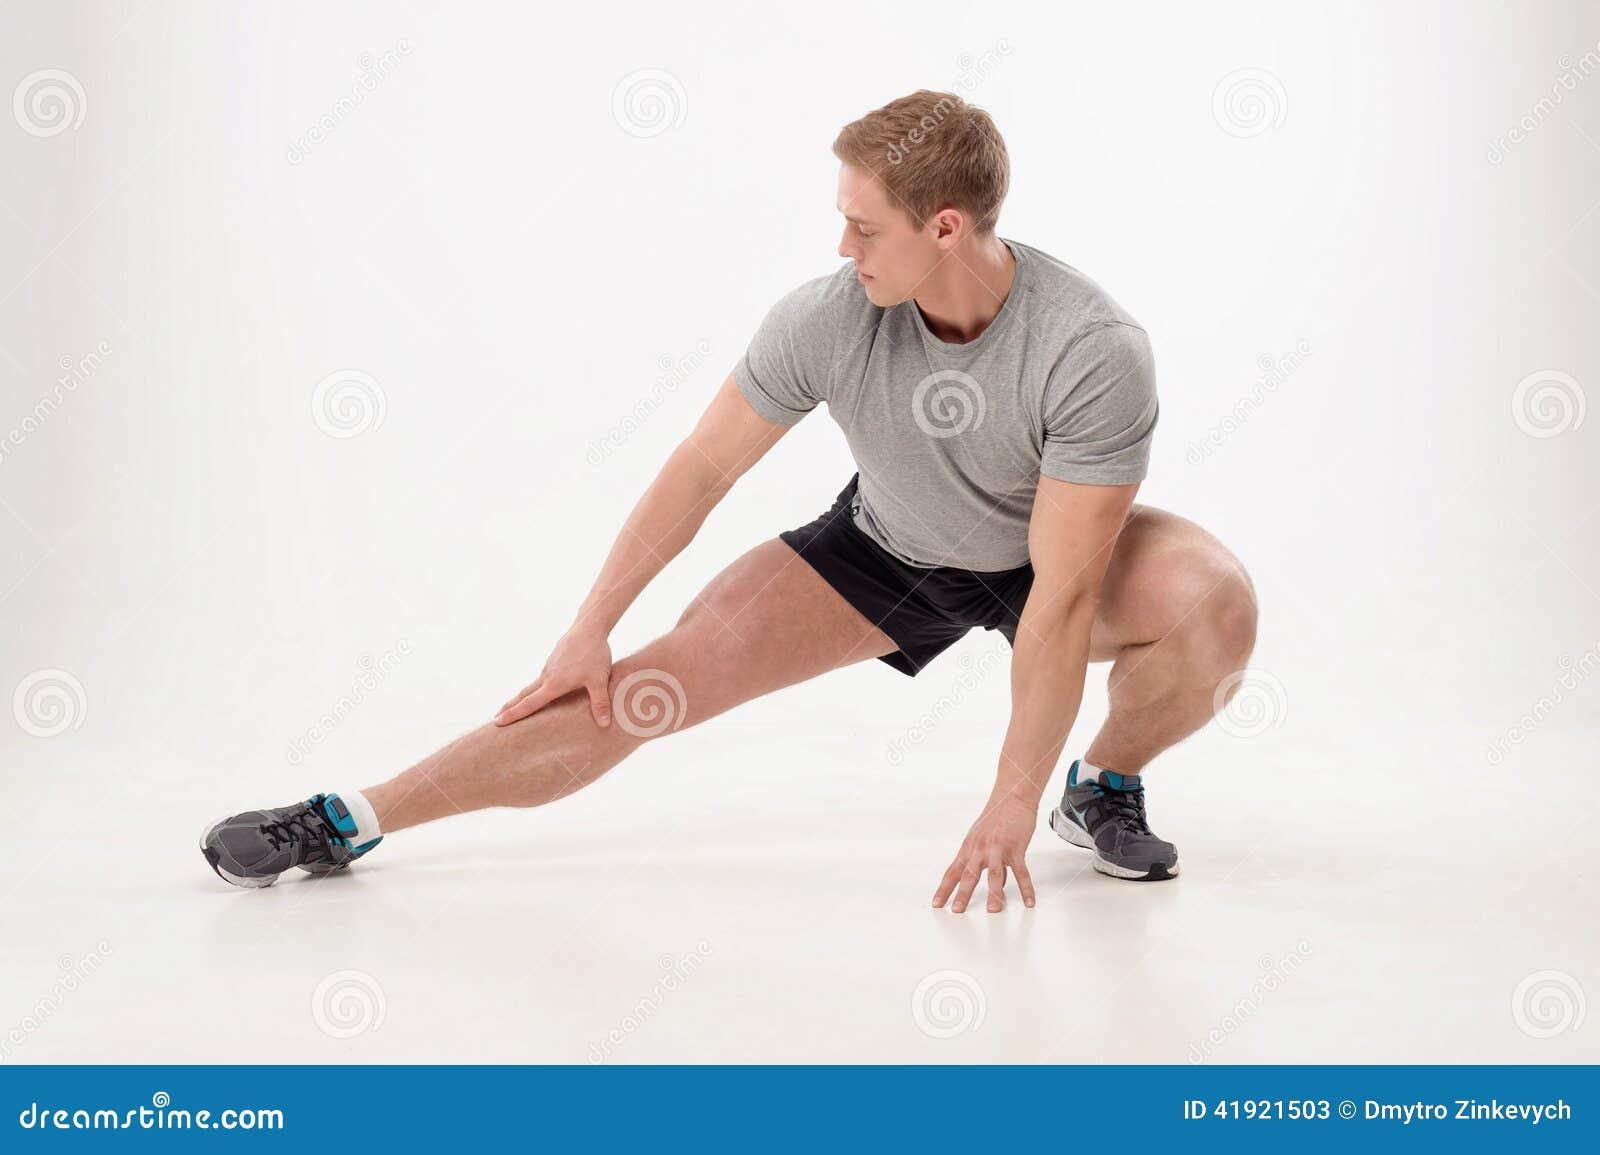 Entrenamiento en gimnasio